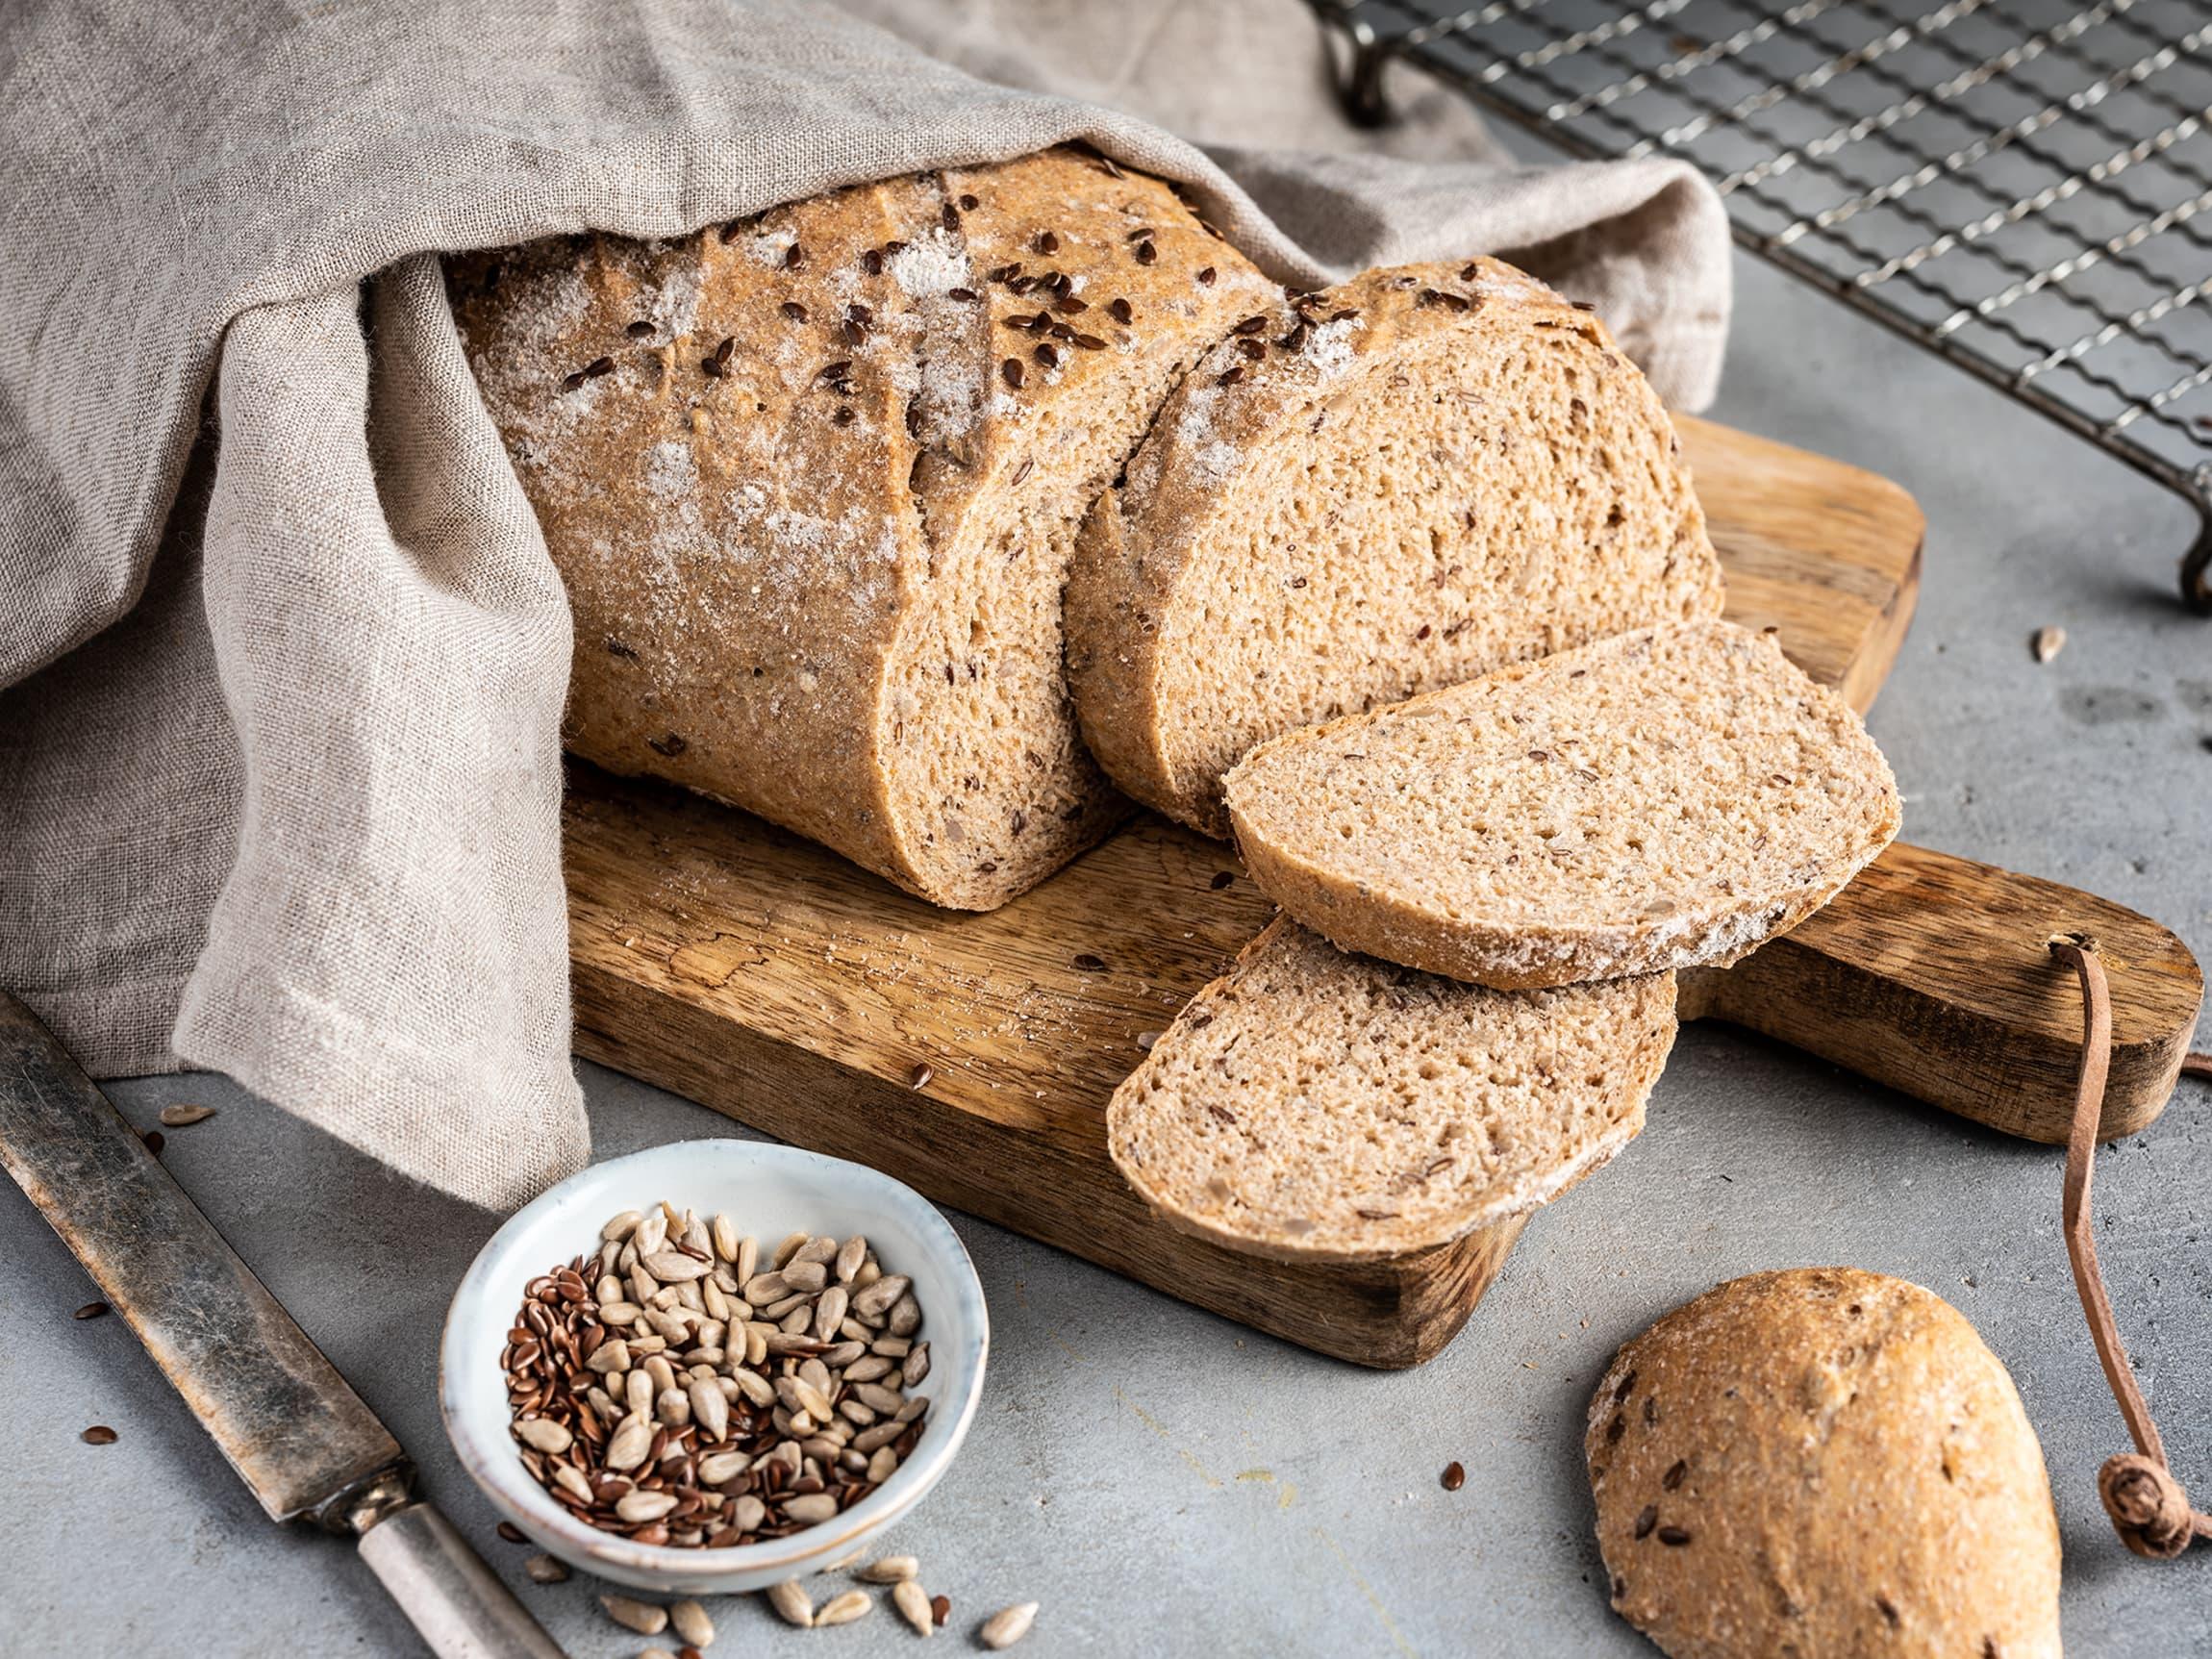 8 ting du kan gjøre med tørt brød